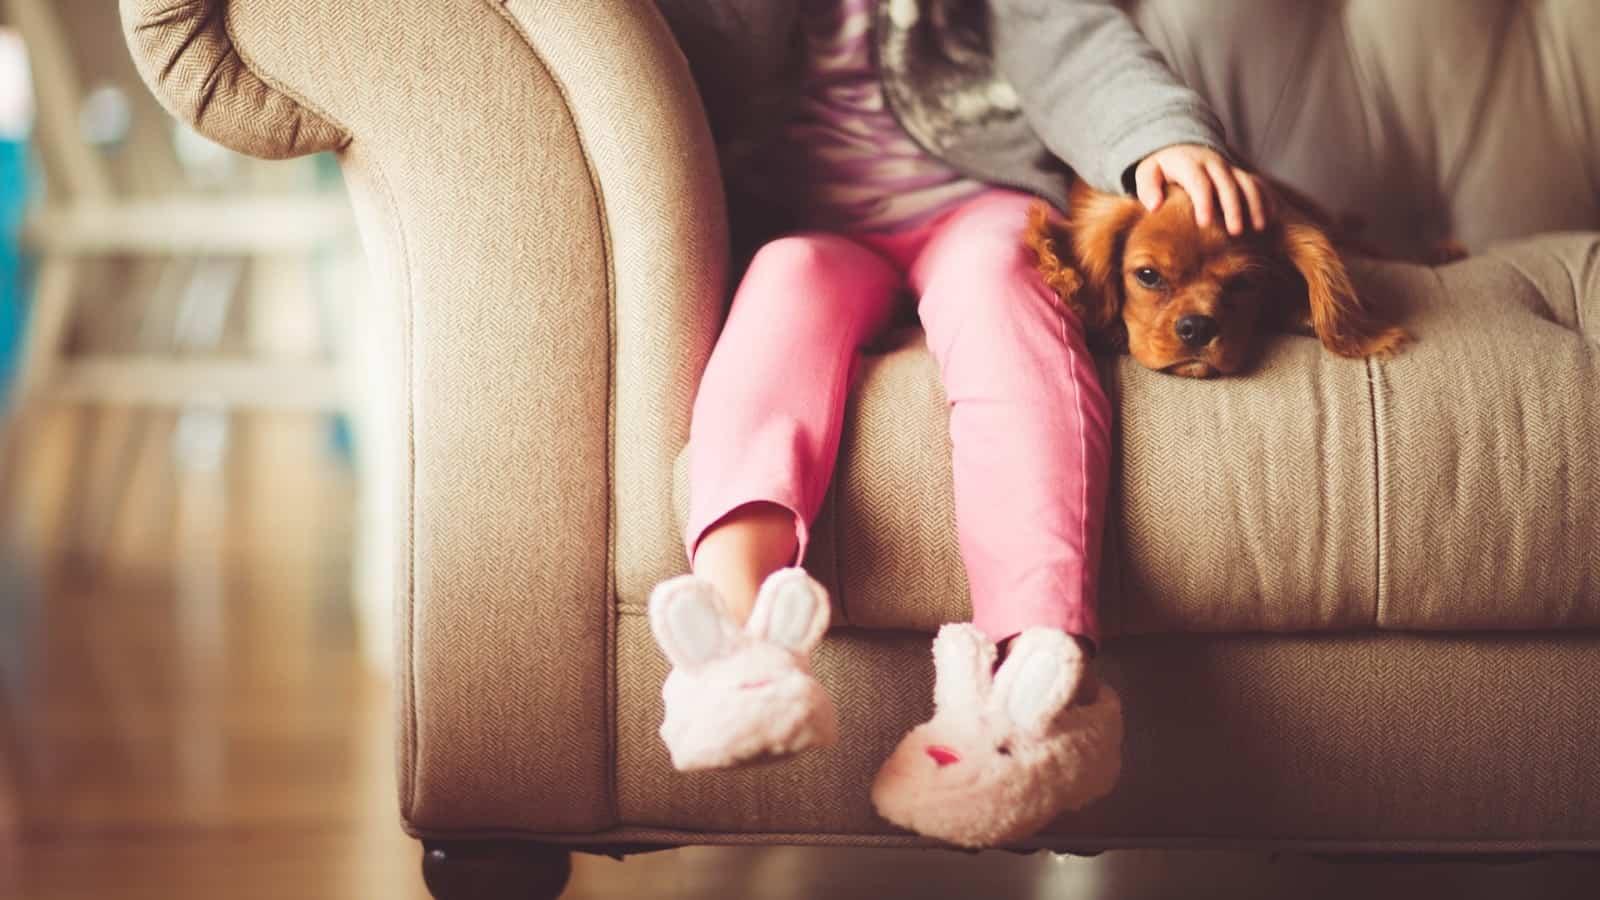 Sleep with dog